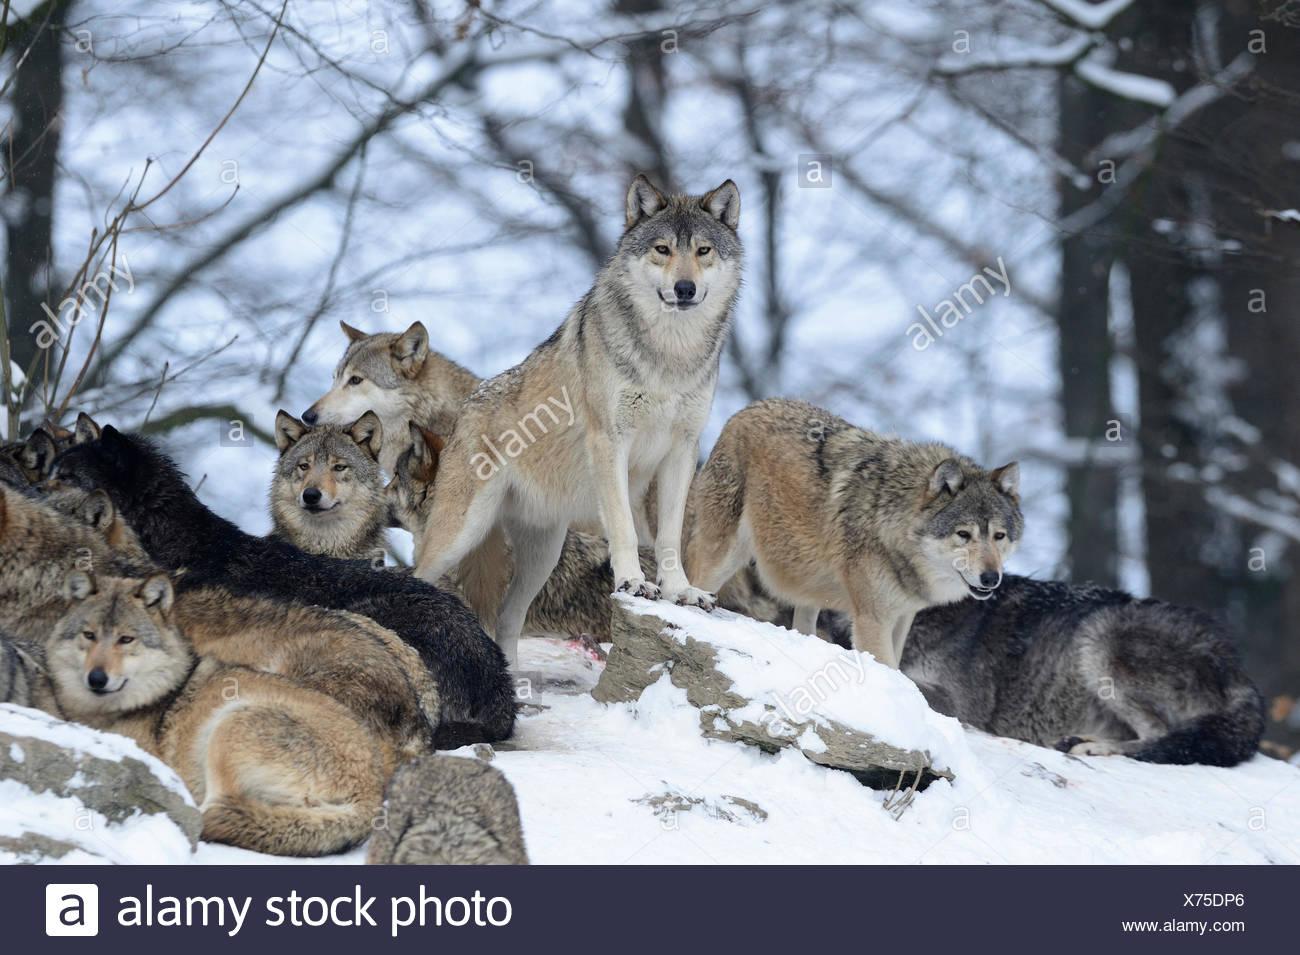 Wolf, Tier, Raubtier, Wölfe, Raubtiere, grauer Wolf, Caniden, Canis Lupus LYKAON, Deutschland, Europa, Stockbild